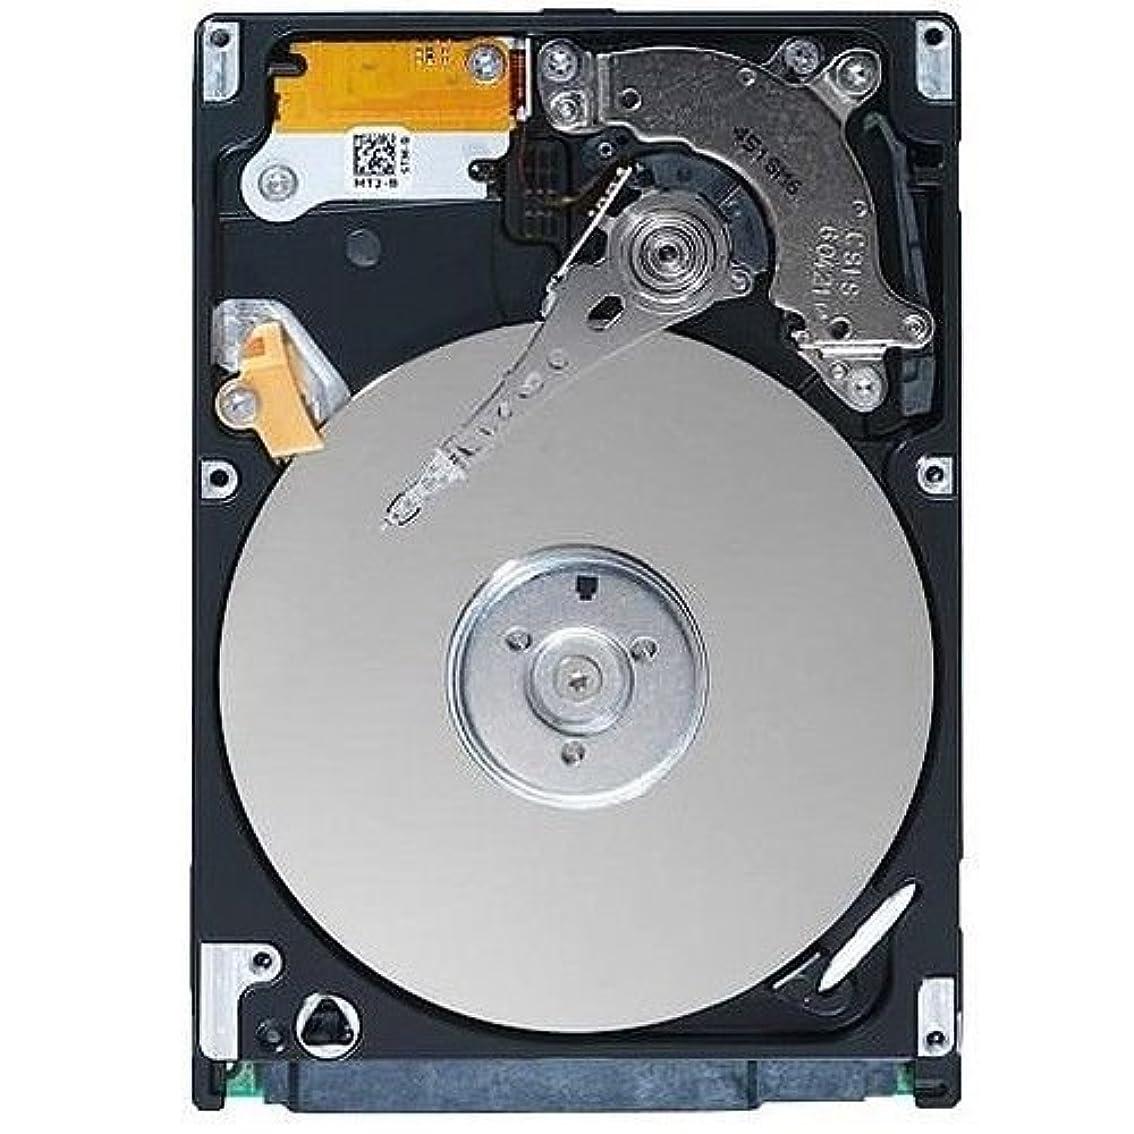 強盗不毛の解き明かす1TB 2.5インチ ハードドライブ Asus Notebook X751MJ X751SA X751SJ X751SV X751YI W5FE W5FM W6F用